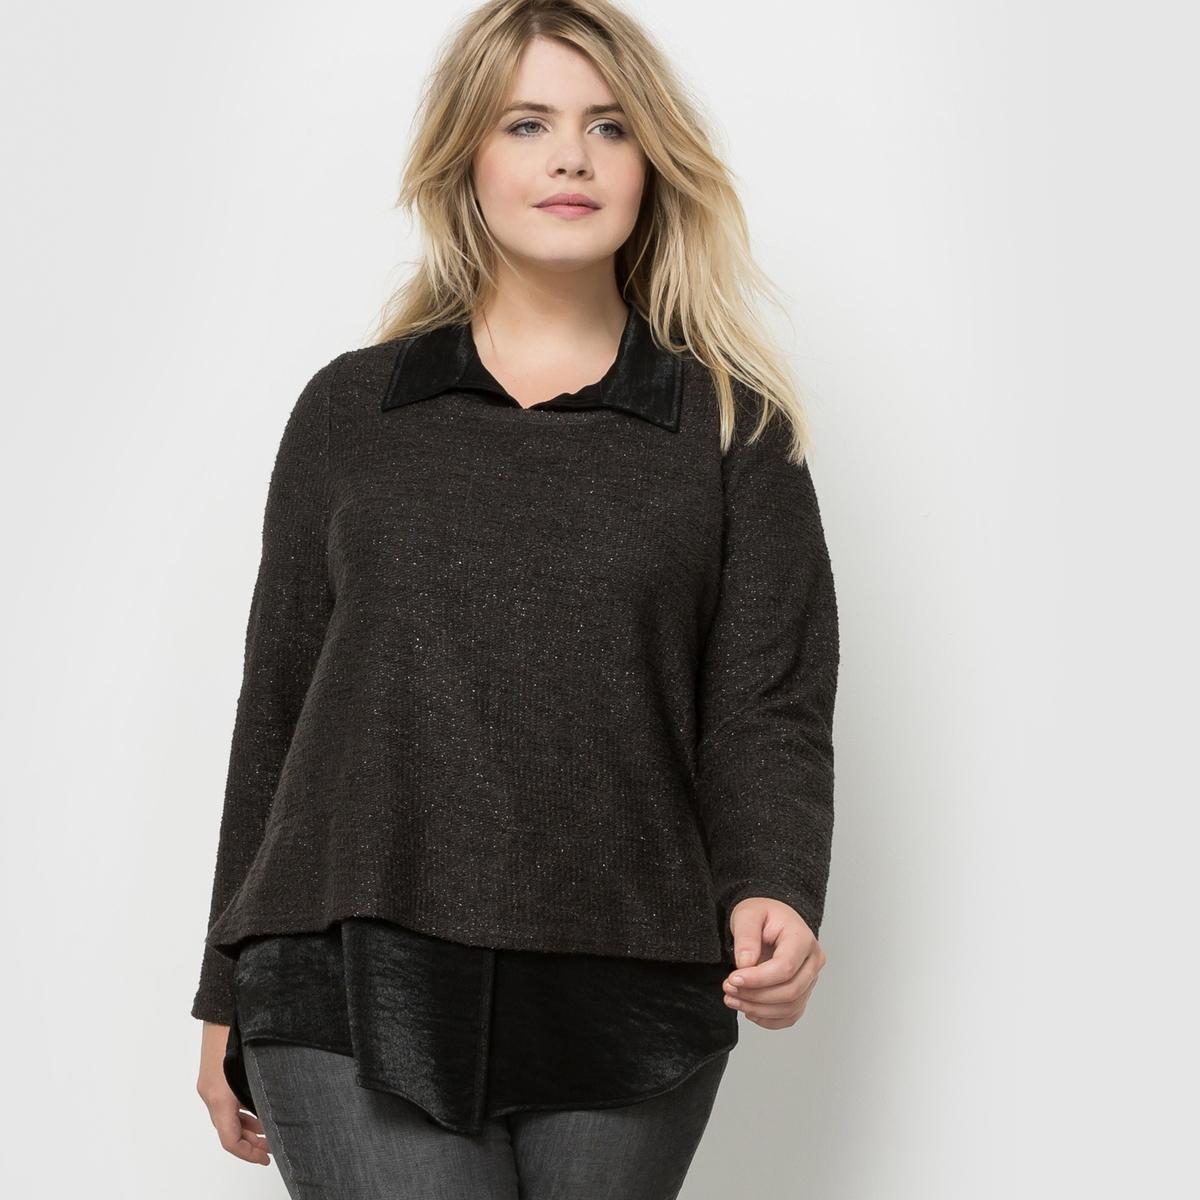 ТуникаТуника с длинными рукавами с ложным эффектом 2 в 1: пуловер/рубашка. Длинный пуловер из разноцветного трикотажа и имитация рубашки из разноцветного крепа с ложной планкой застежки на пуговицы.<br><br>Цвет: хаки<br>Размер: 46 (FR) - 52 (RUS).44 (FR) - 50 (RUS)